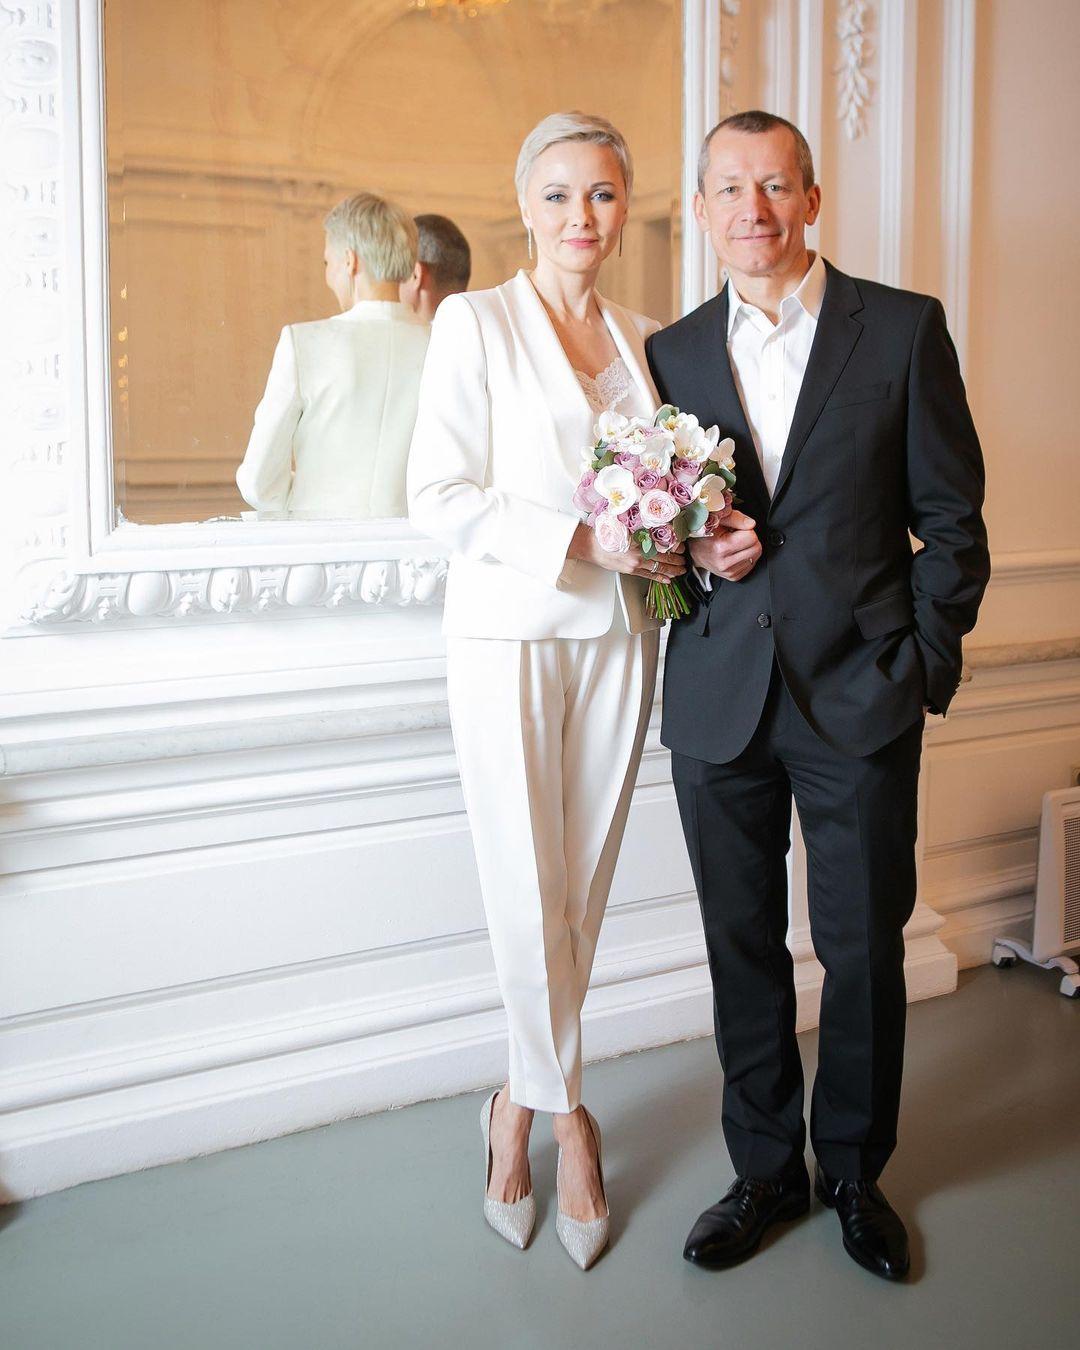 48-летняя Дарья Повереннова вышла замуж за вдовца-миллионера